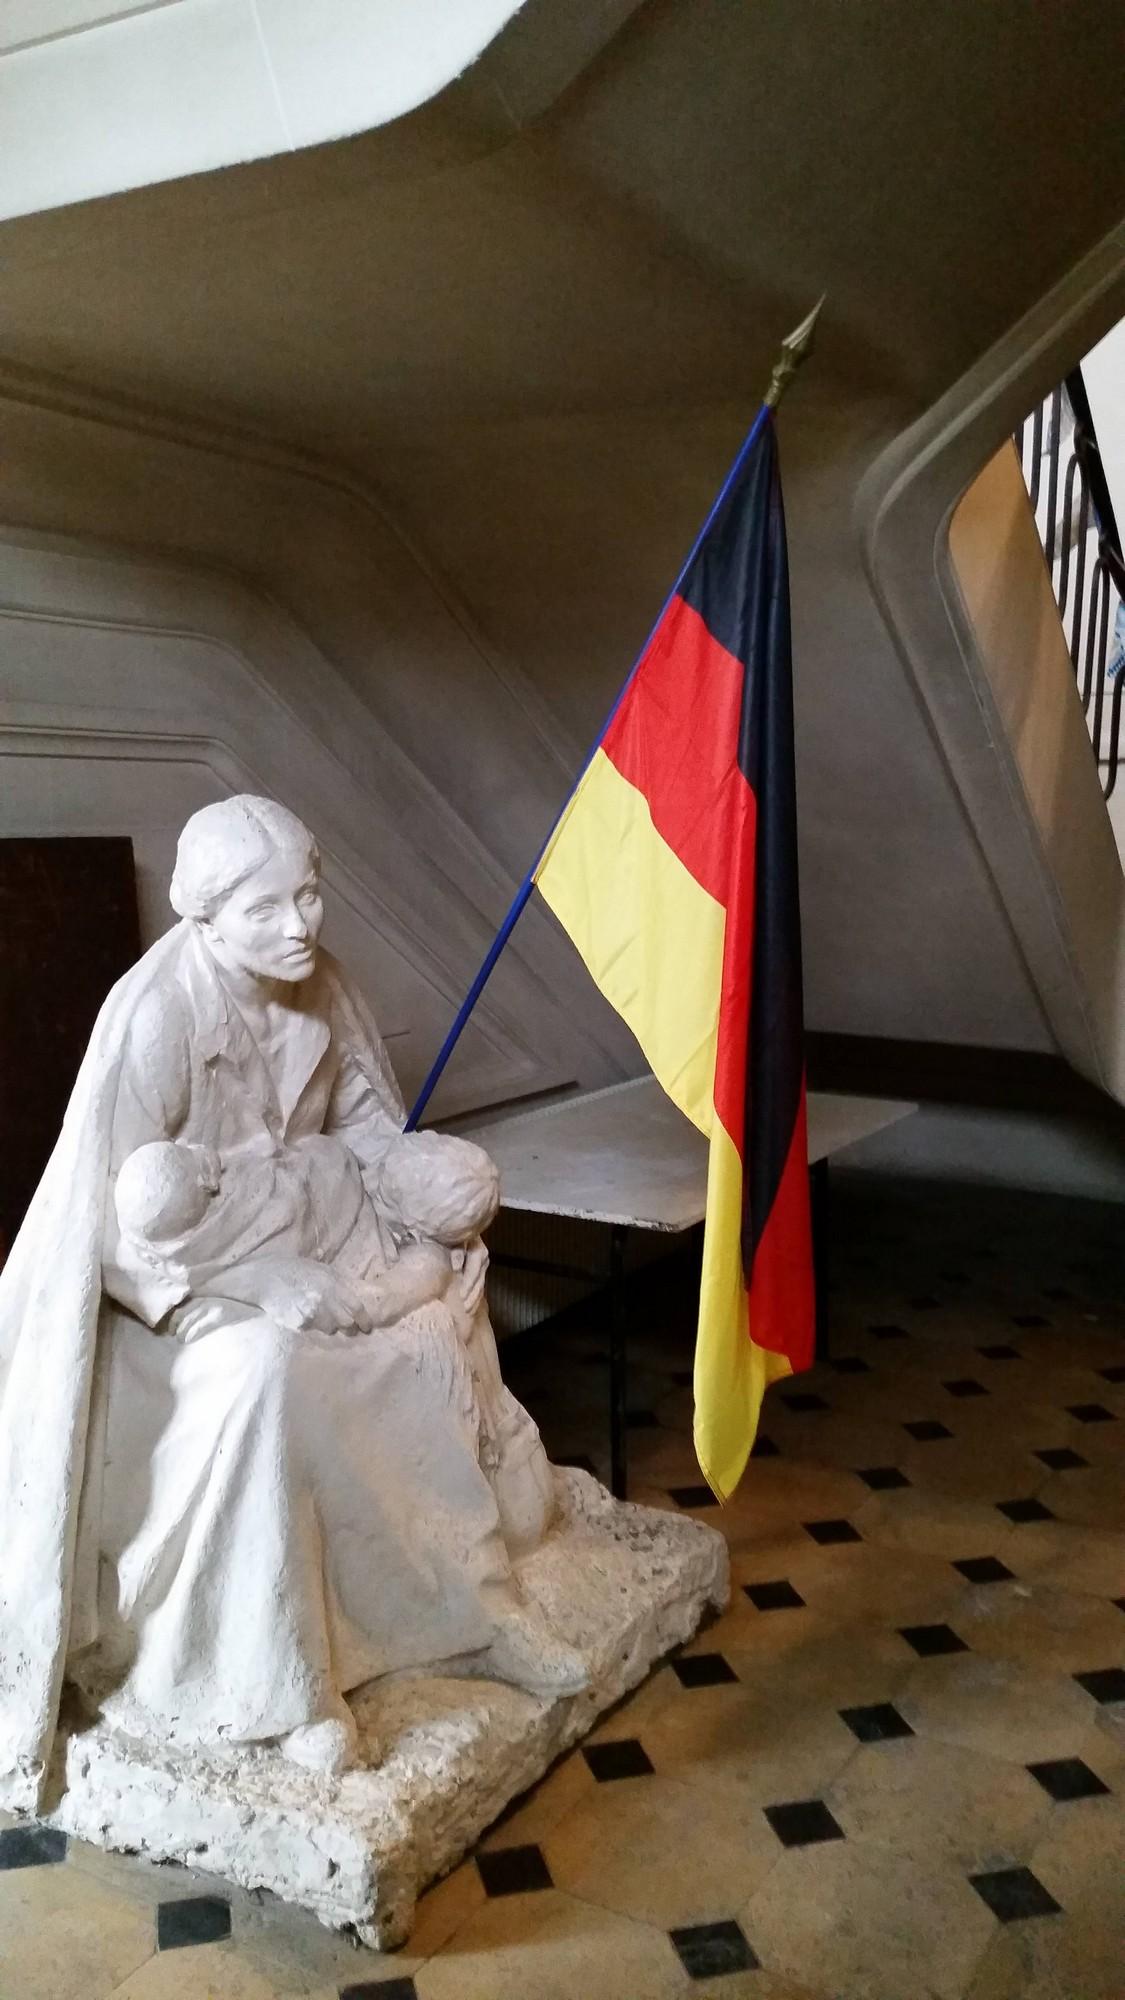 La statue et le drapeau